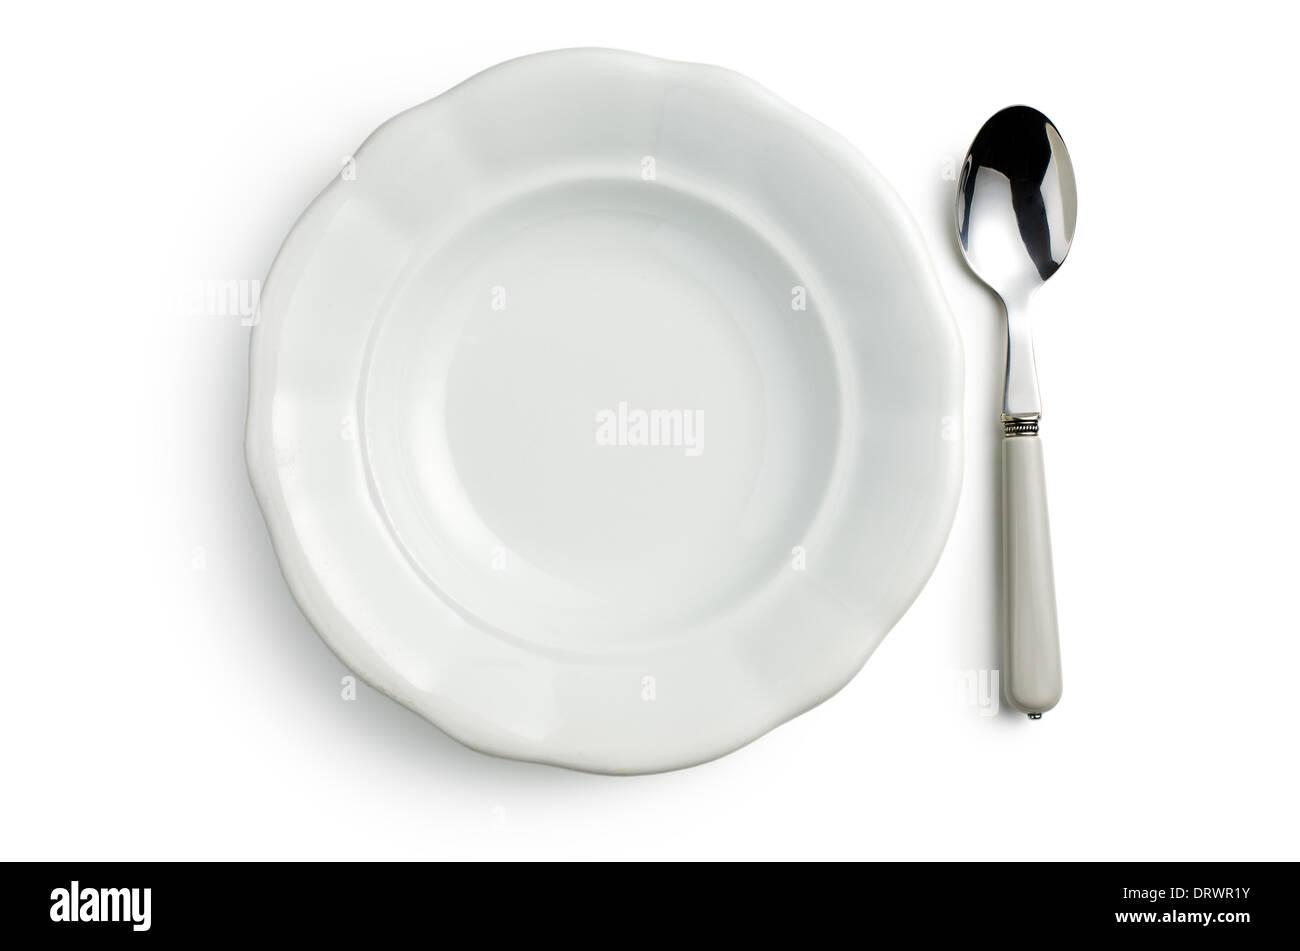 Vista superiore del piatto di portata in ceramica bianca con cucchiaino su sfondo bianco Immagini Stock